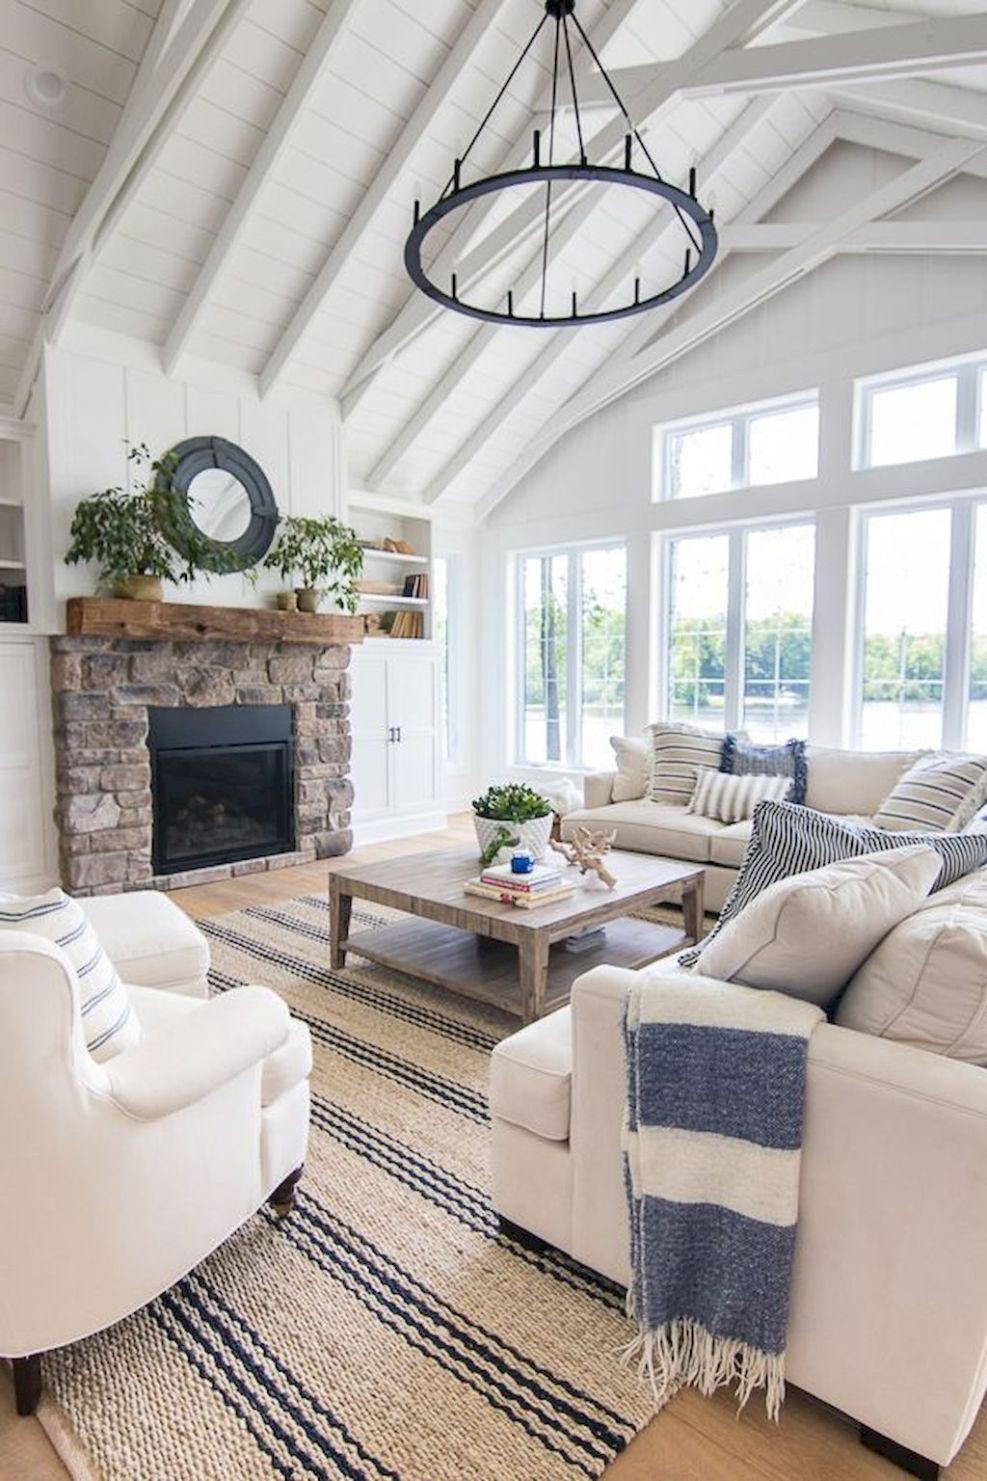 DIY Farmhouse Living Room Decor Part 14 images